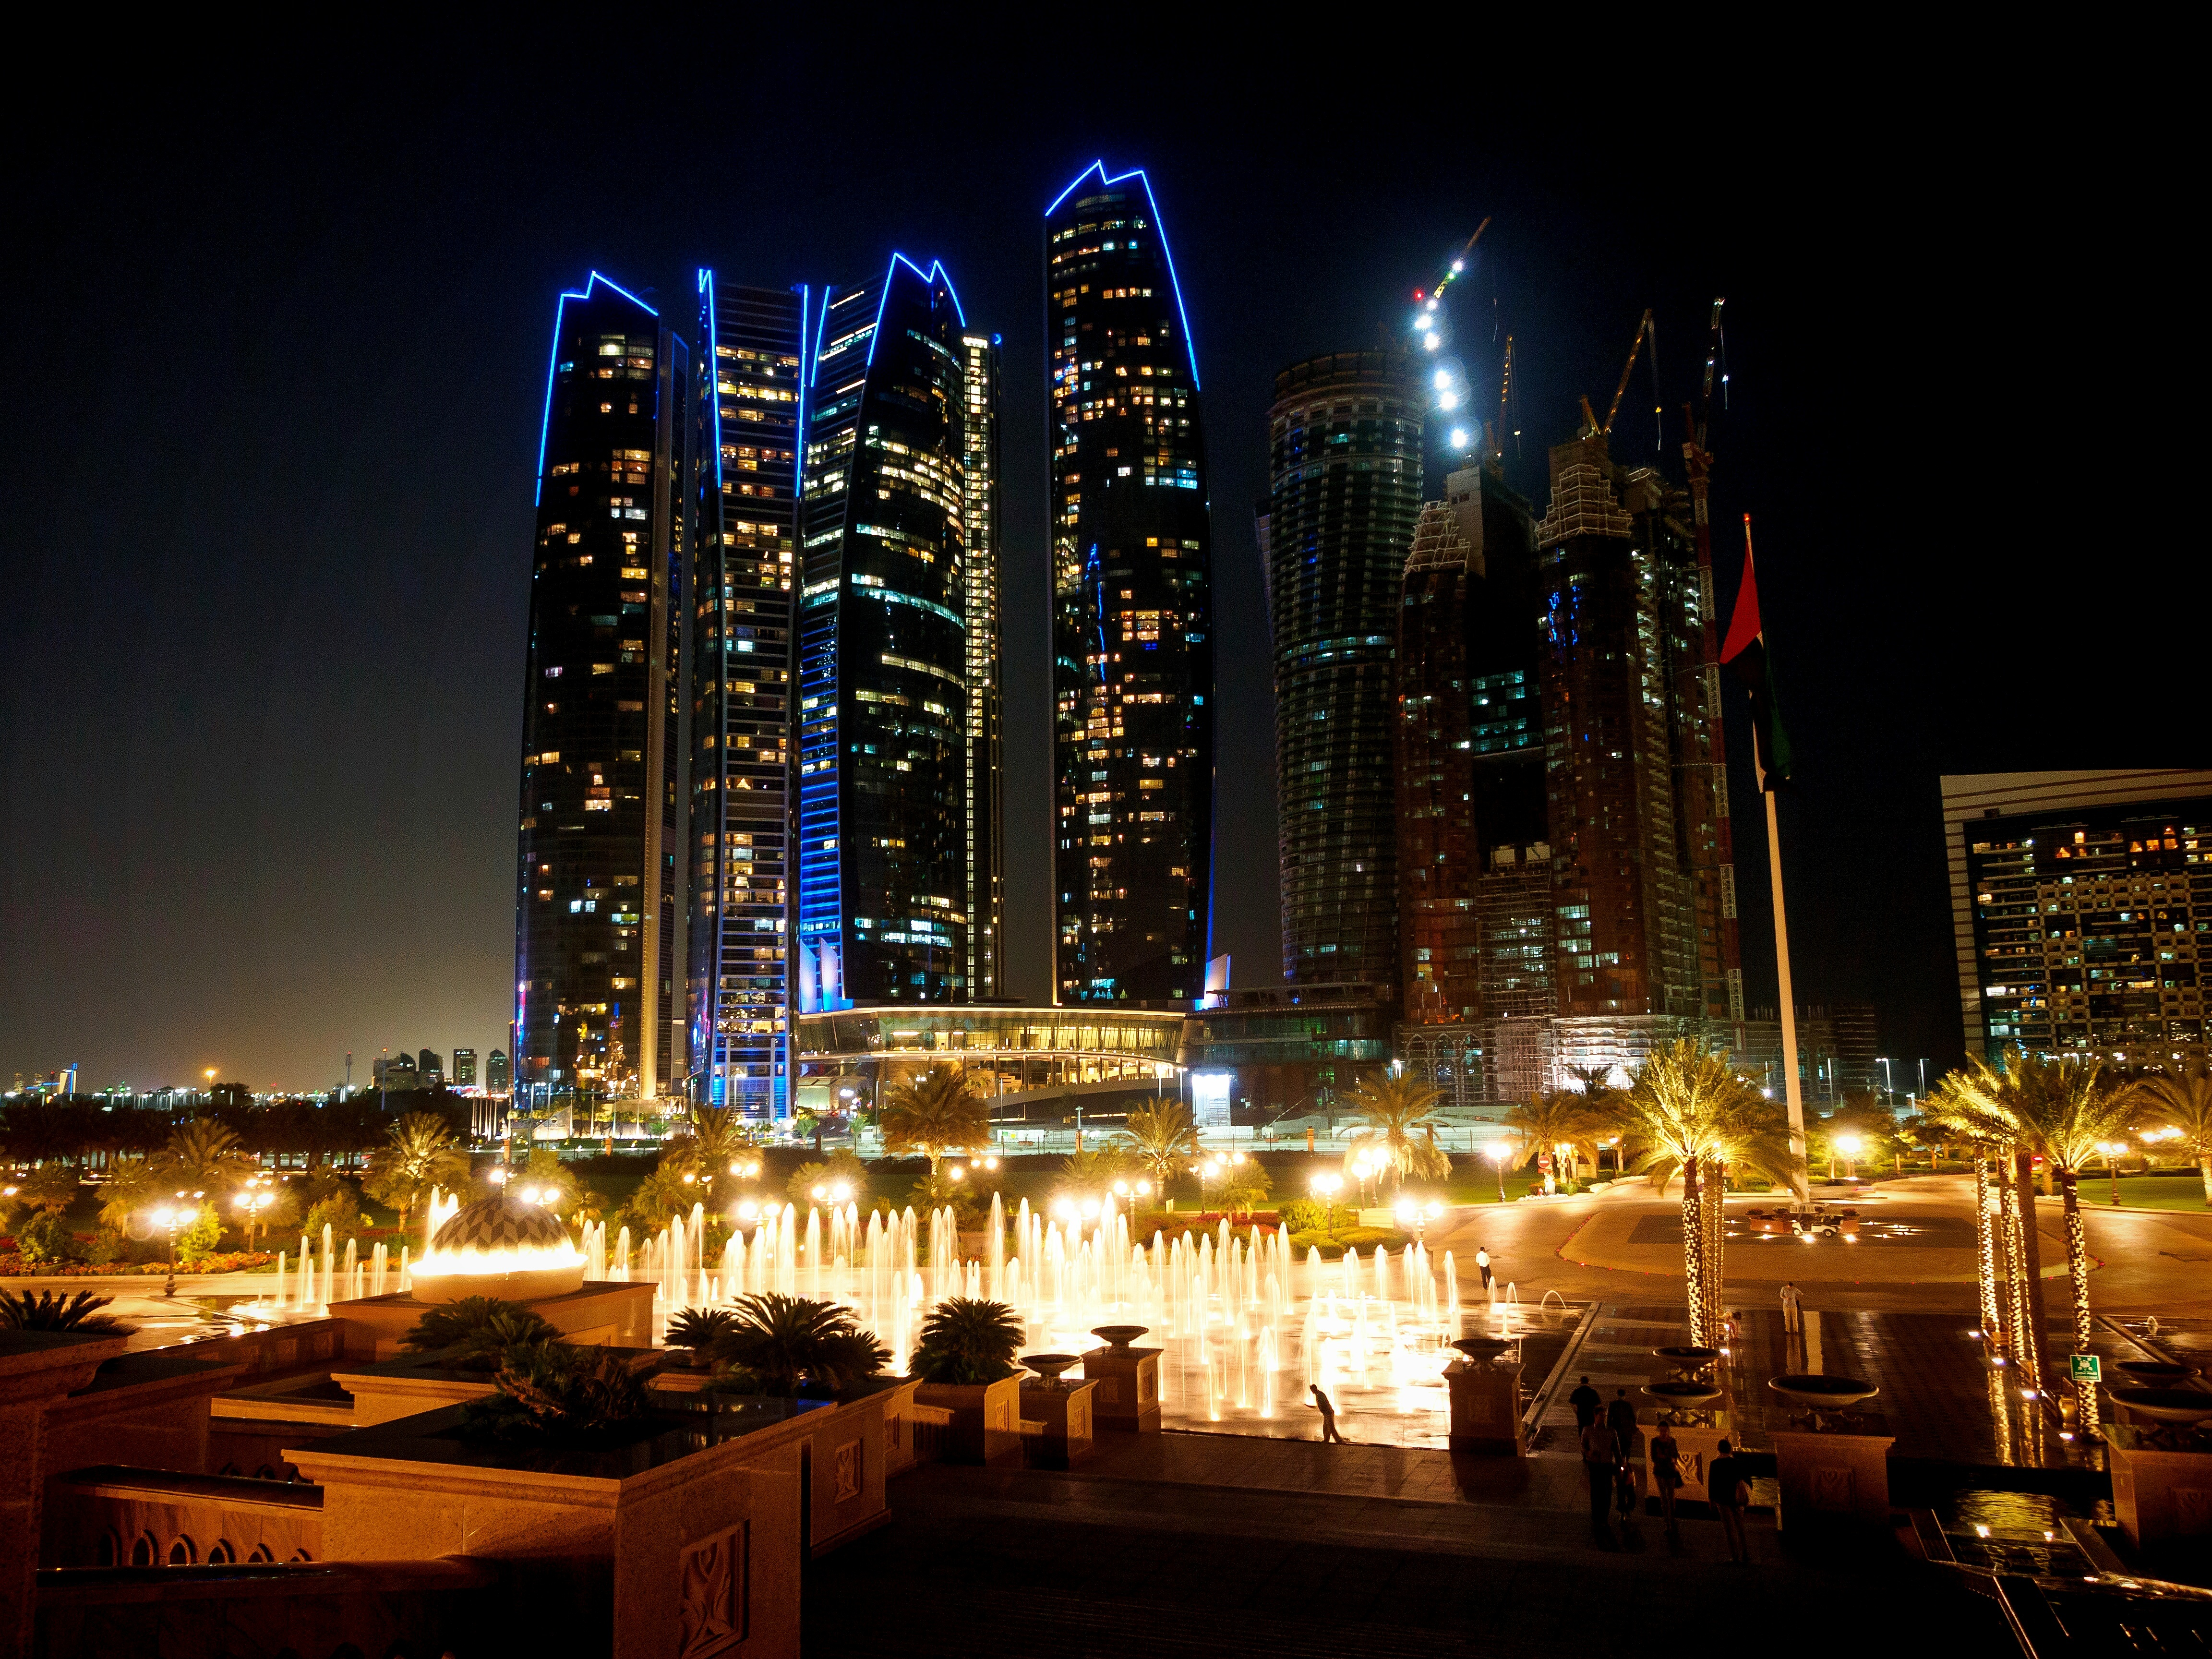 Дубай: картинки и фотографии торговый центр дубая, скачать 33